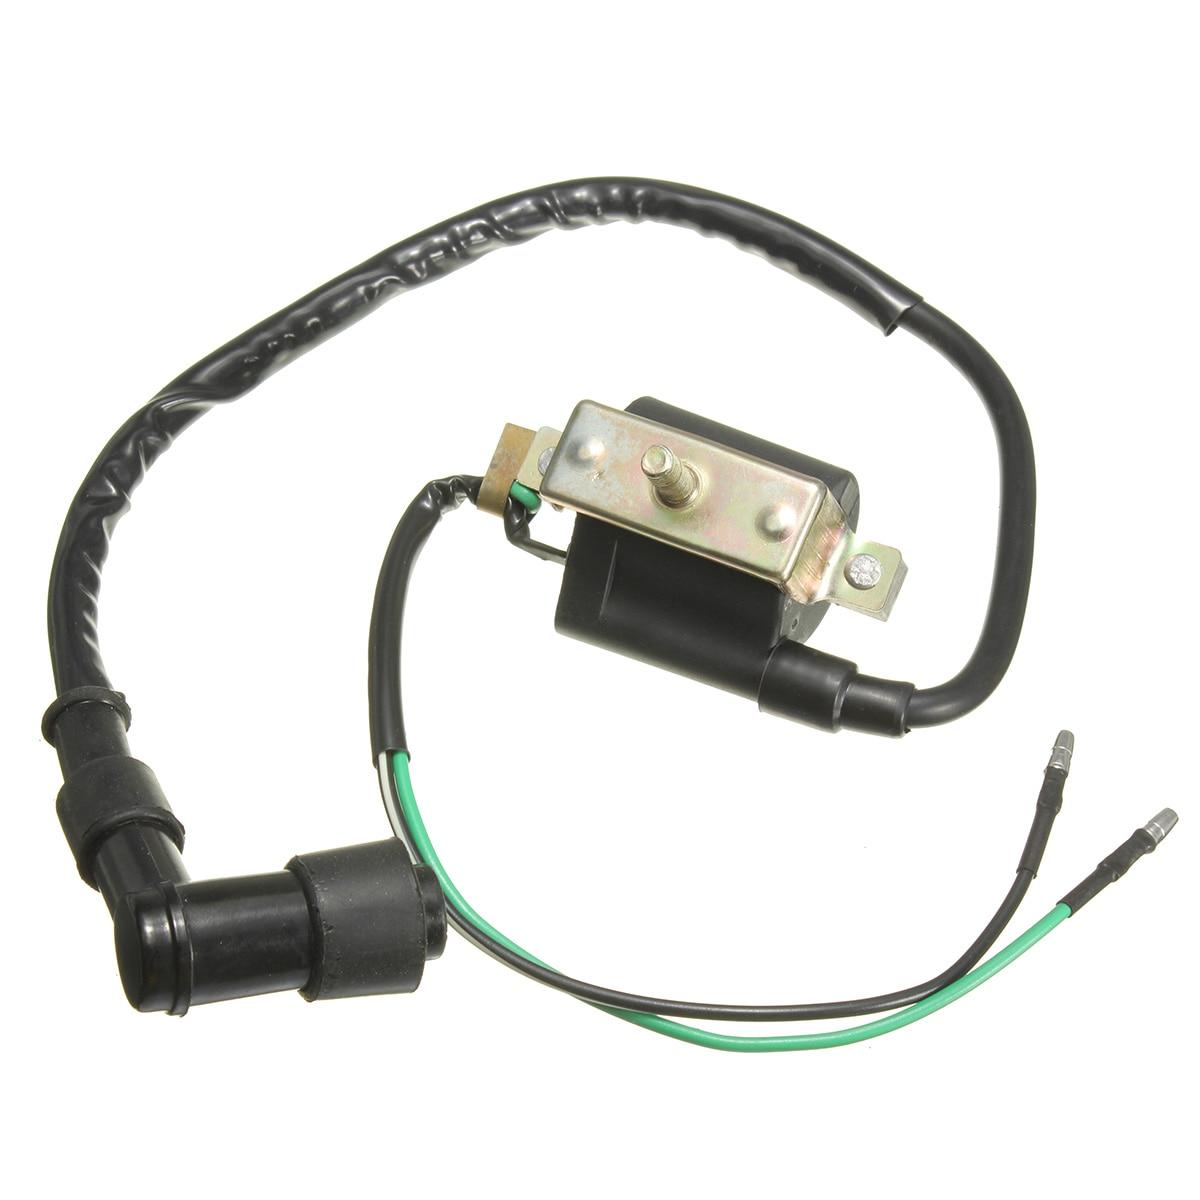 WRG-8538] Lifan 50cc Atv Wiring on